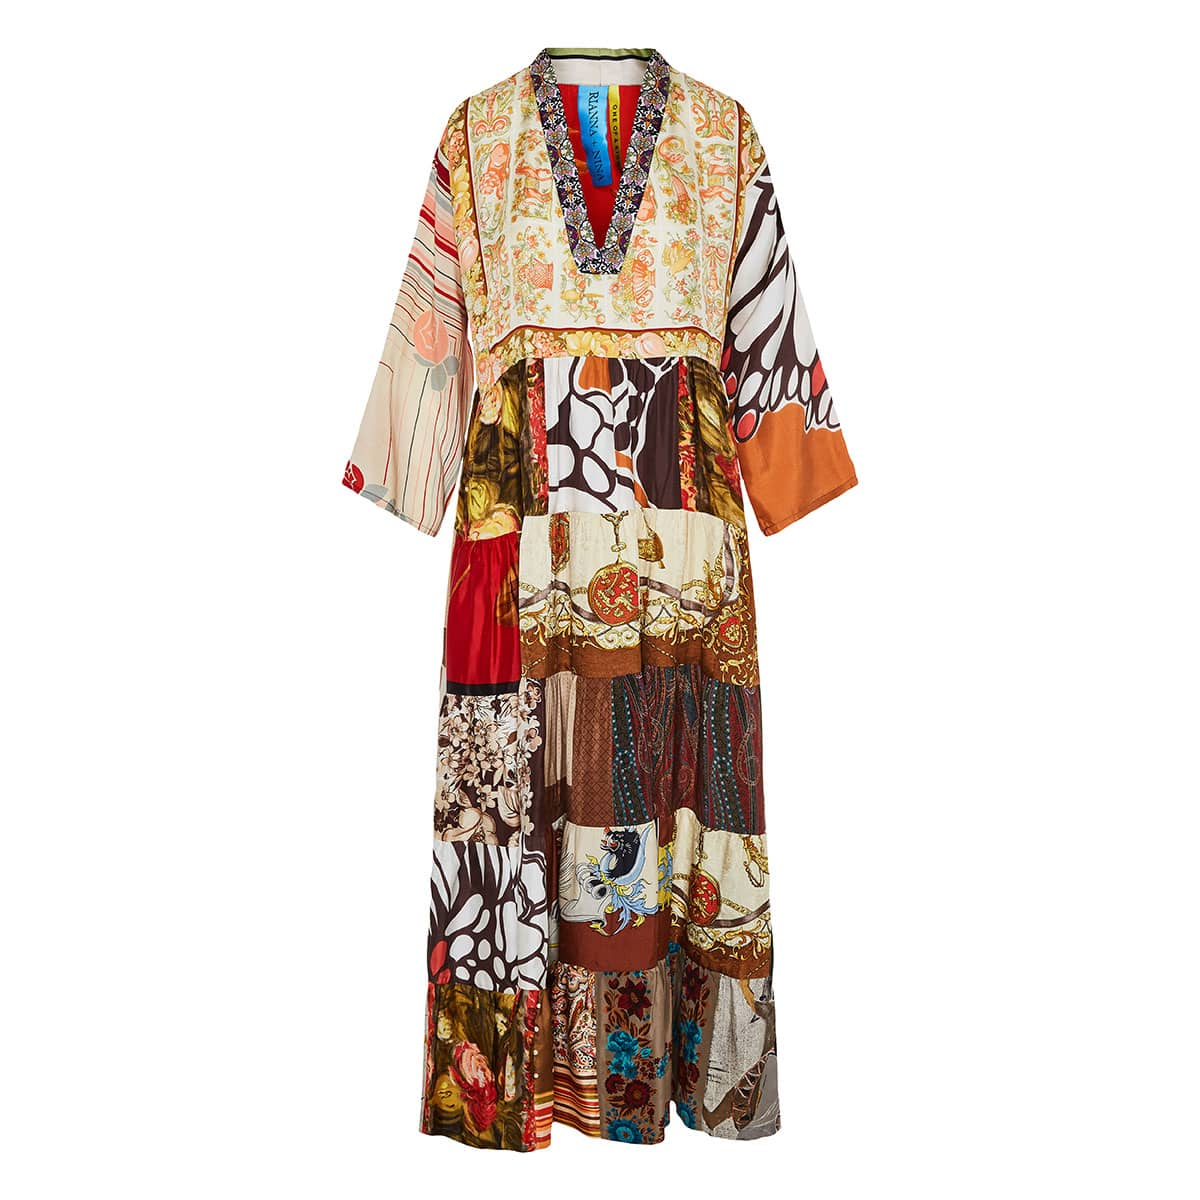 Vintage-scarves patchwork tiered dress